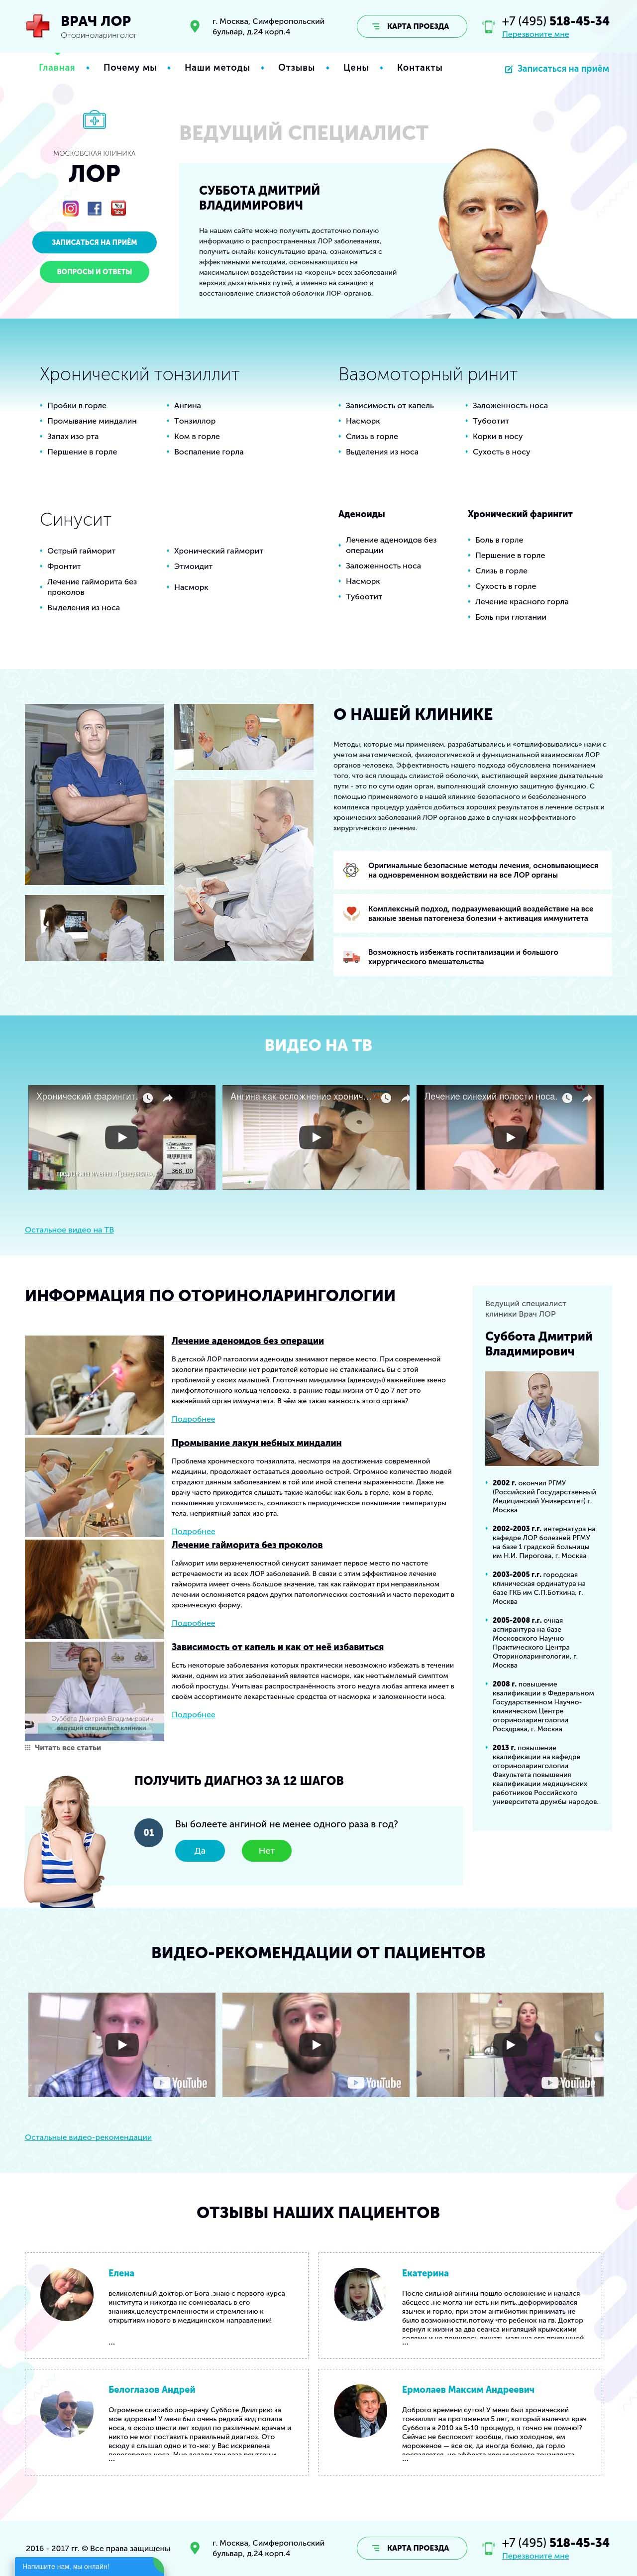 Сайт врача ЛОРа